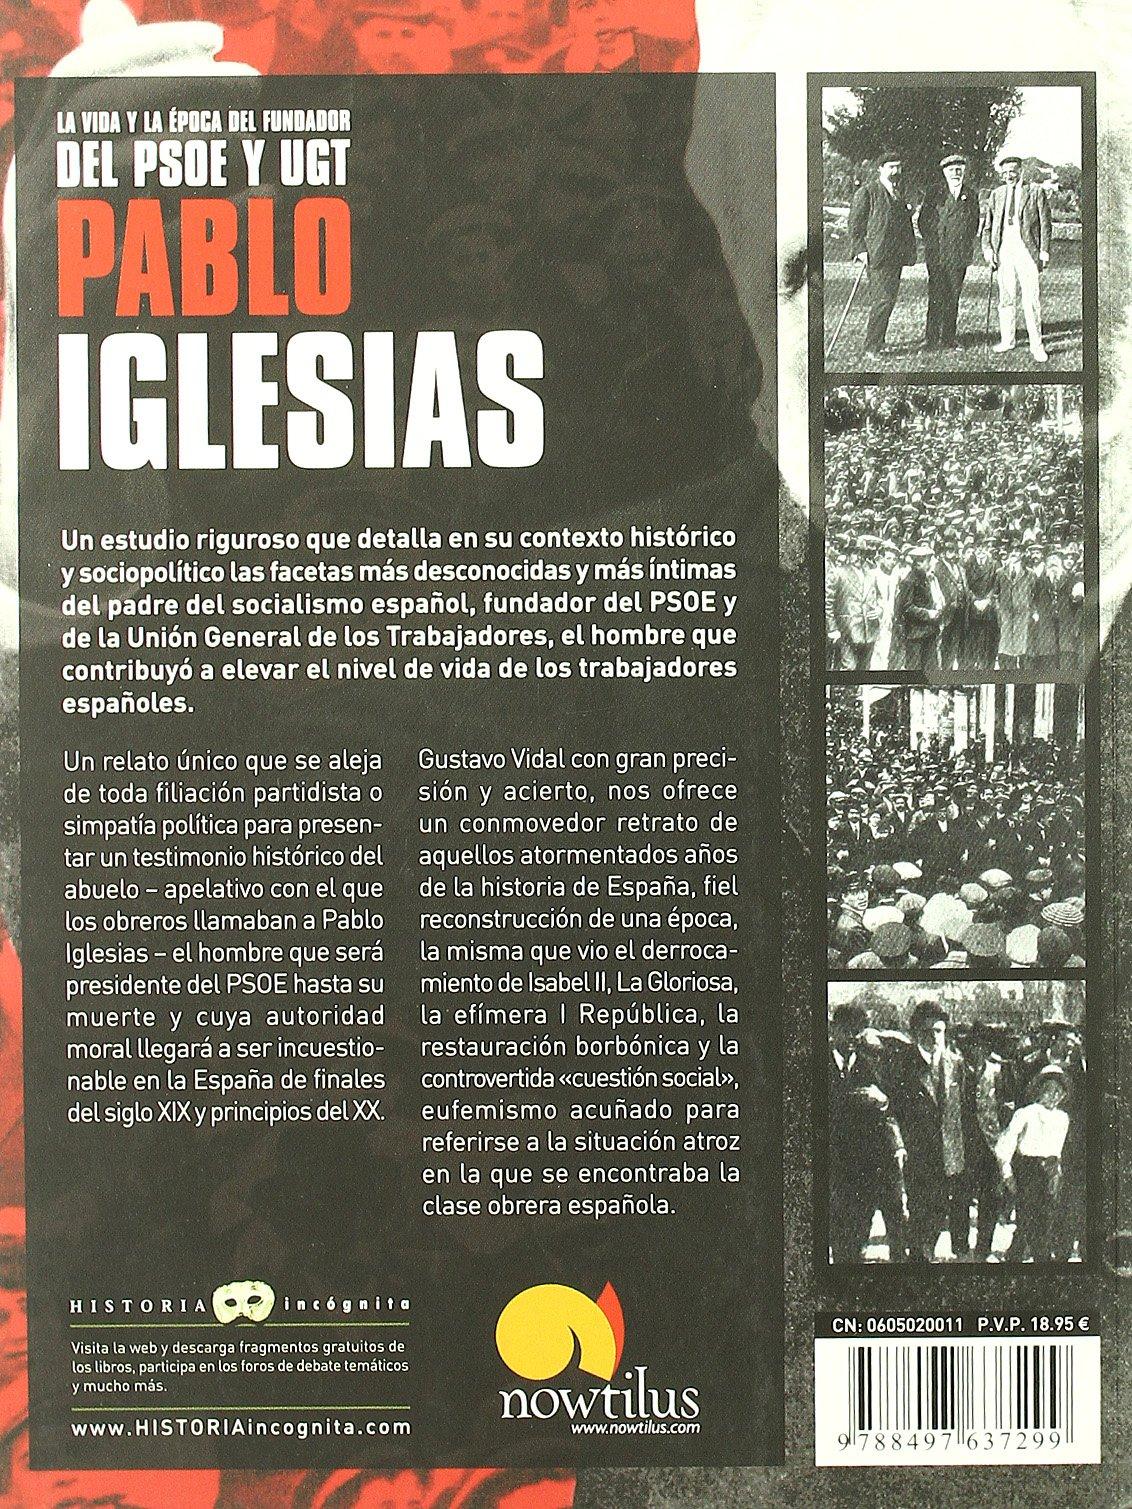 Amazon.com: Pablo Iglesias (Historia incognita/Unknown History) (Spanish Edition) (9788497637299): Gustavo Vidal: Books